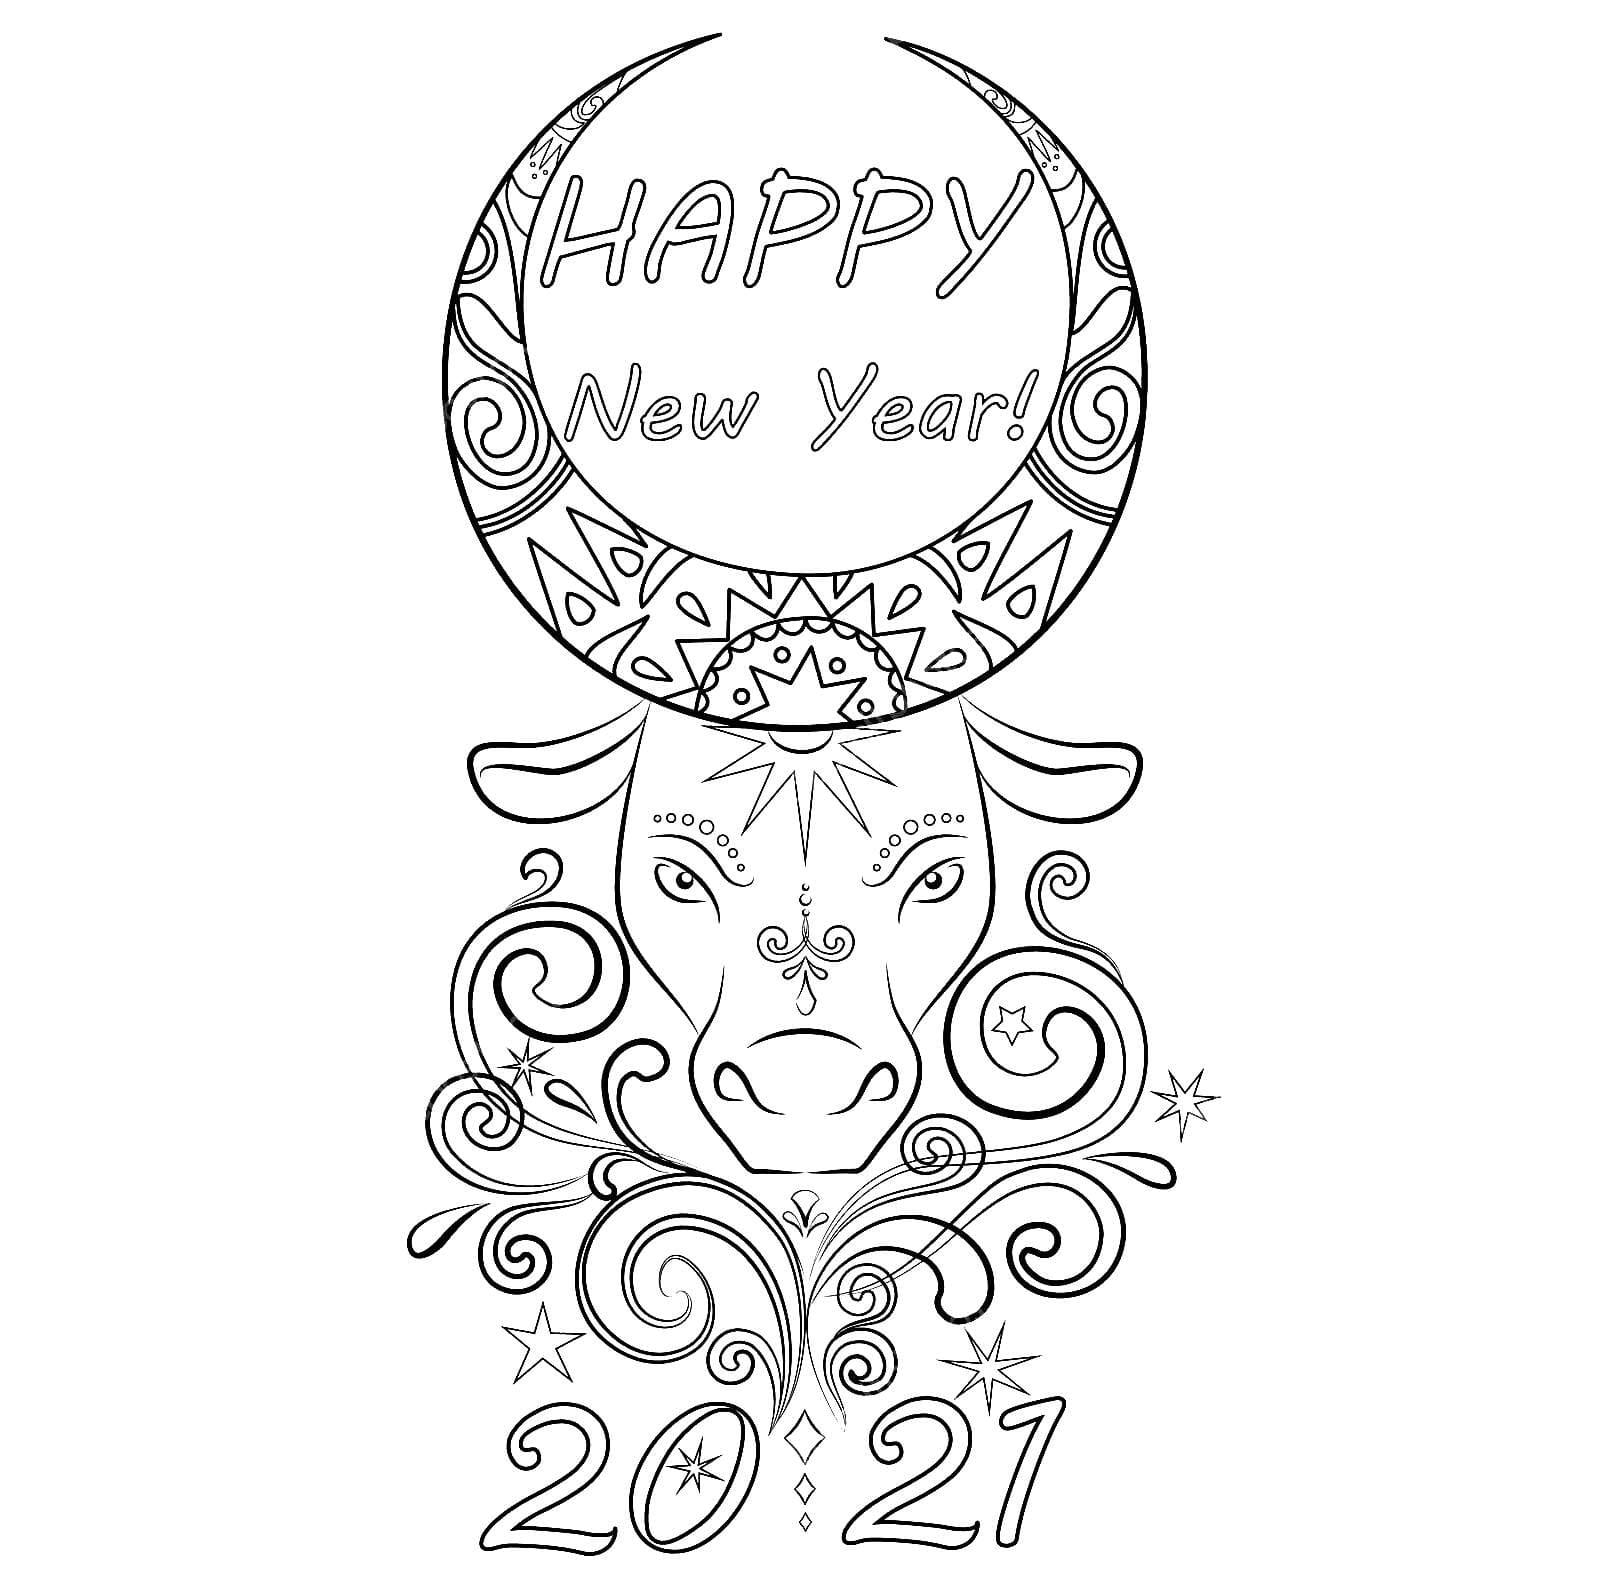 Ausmalbilder Neues Jahr 2021 - Frohes neues jahr 2021 ...